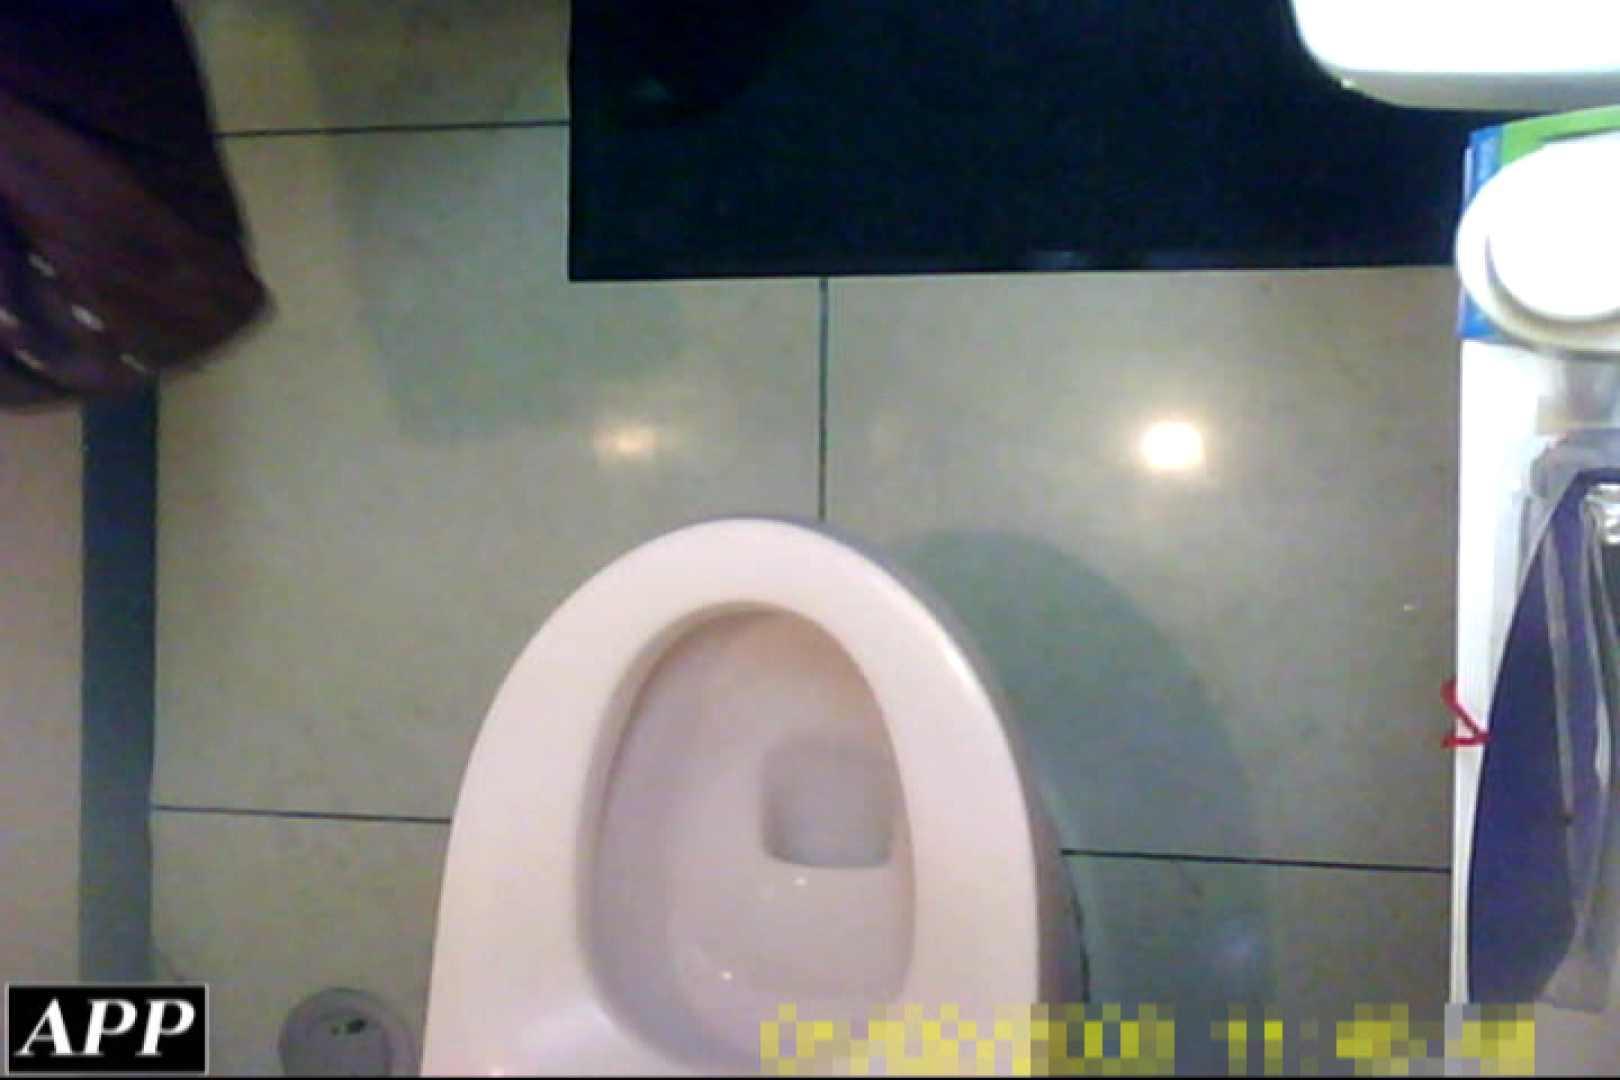 3視点洗面所 vol.89 オマンコ | 洗面所  56pic 9